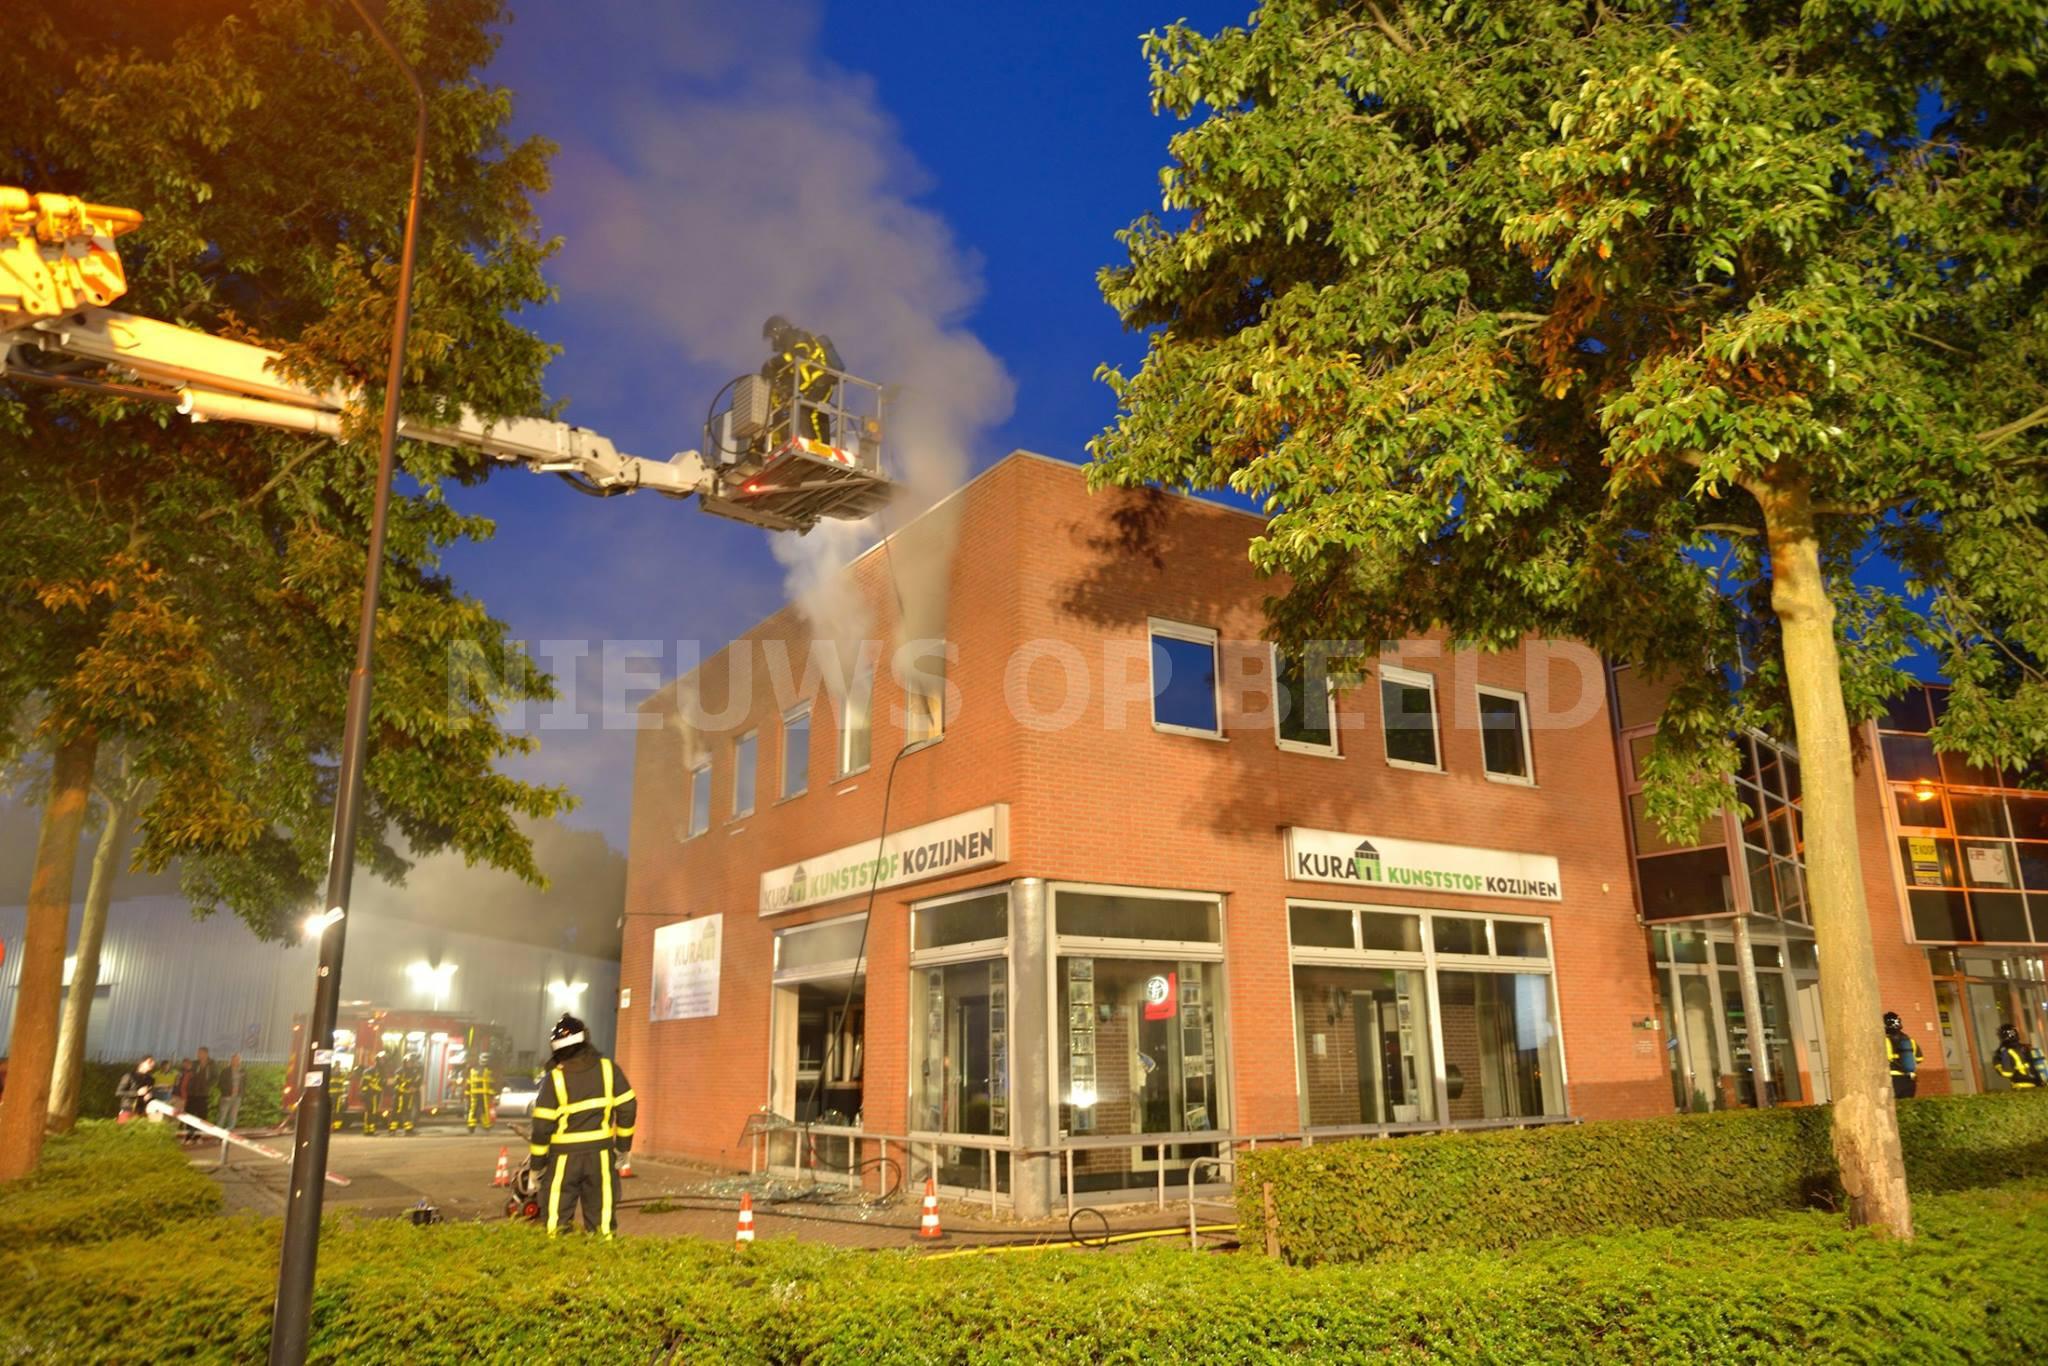 Grote brand in bedrijfspand van kunstofkozijnen Kelvinring Alblasserdam